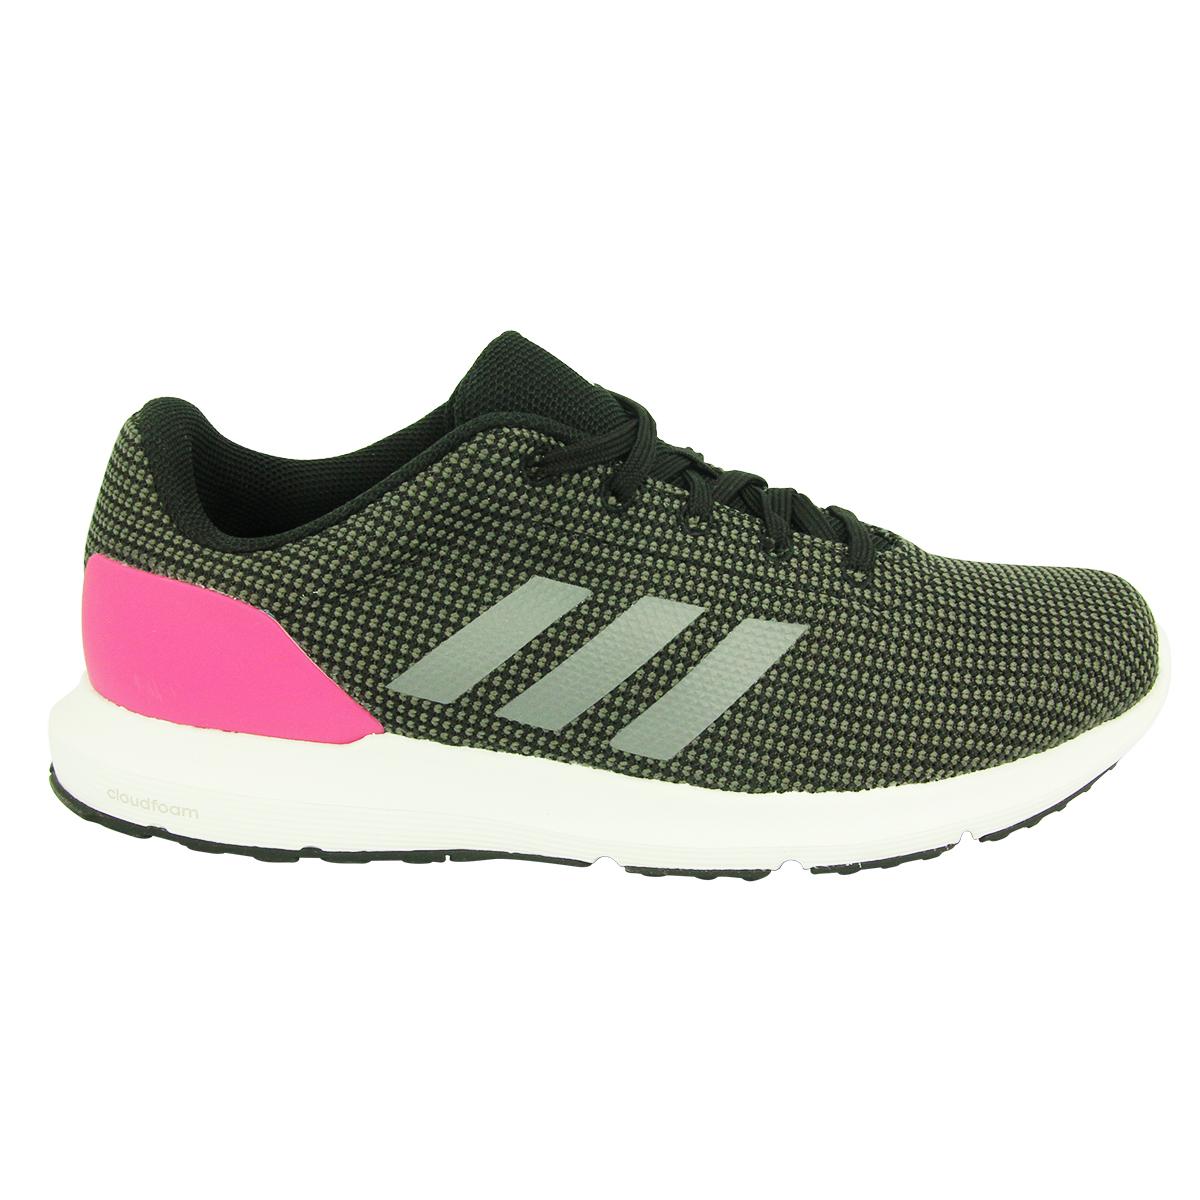 Adidas Performance COSMIC WOMEN CLOUDFOAM Women Running shoes